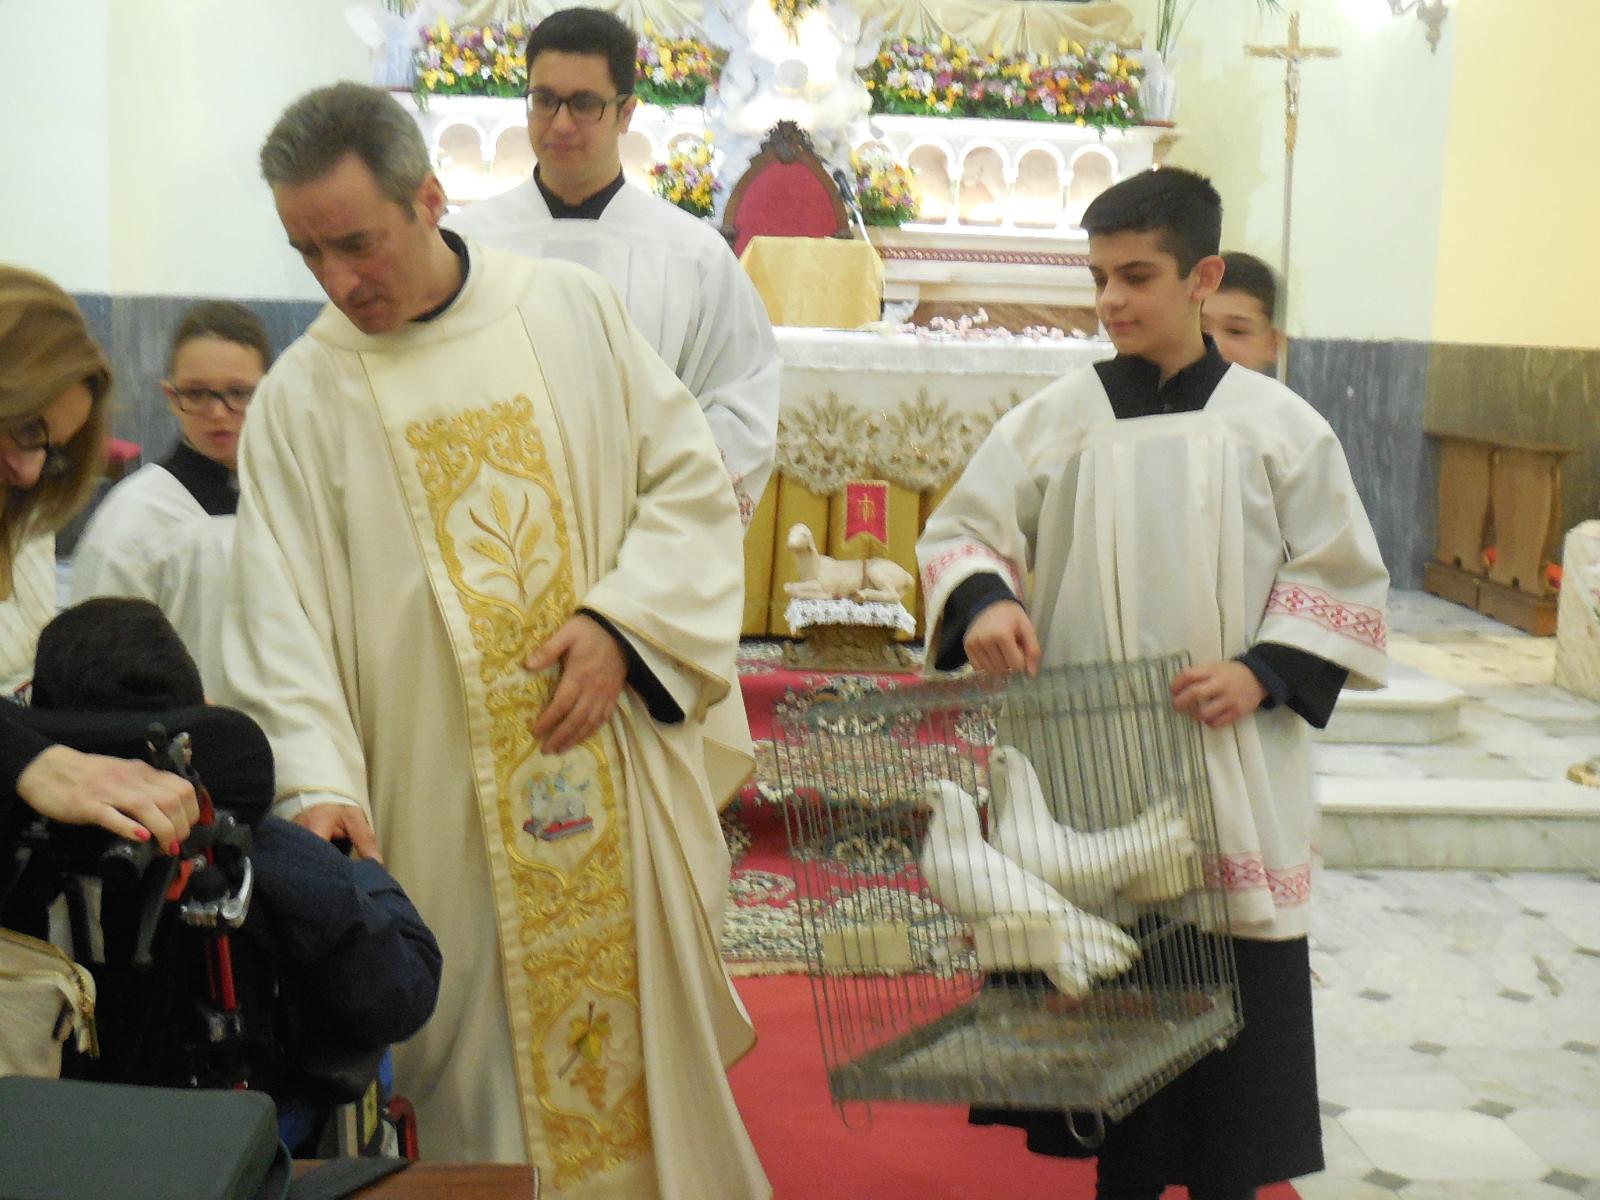 20170416 Domenica di Pasqua al Santuario di San Francesco di Paola